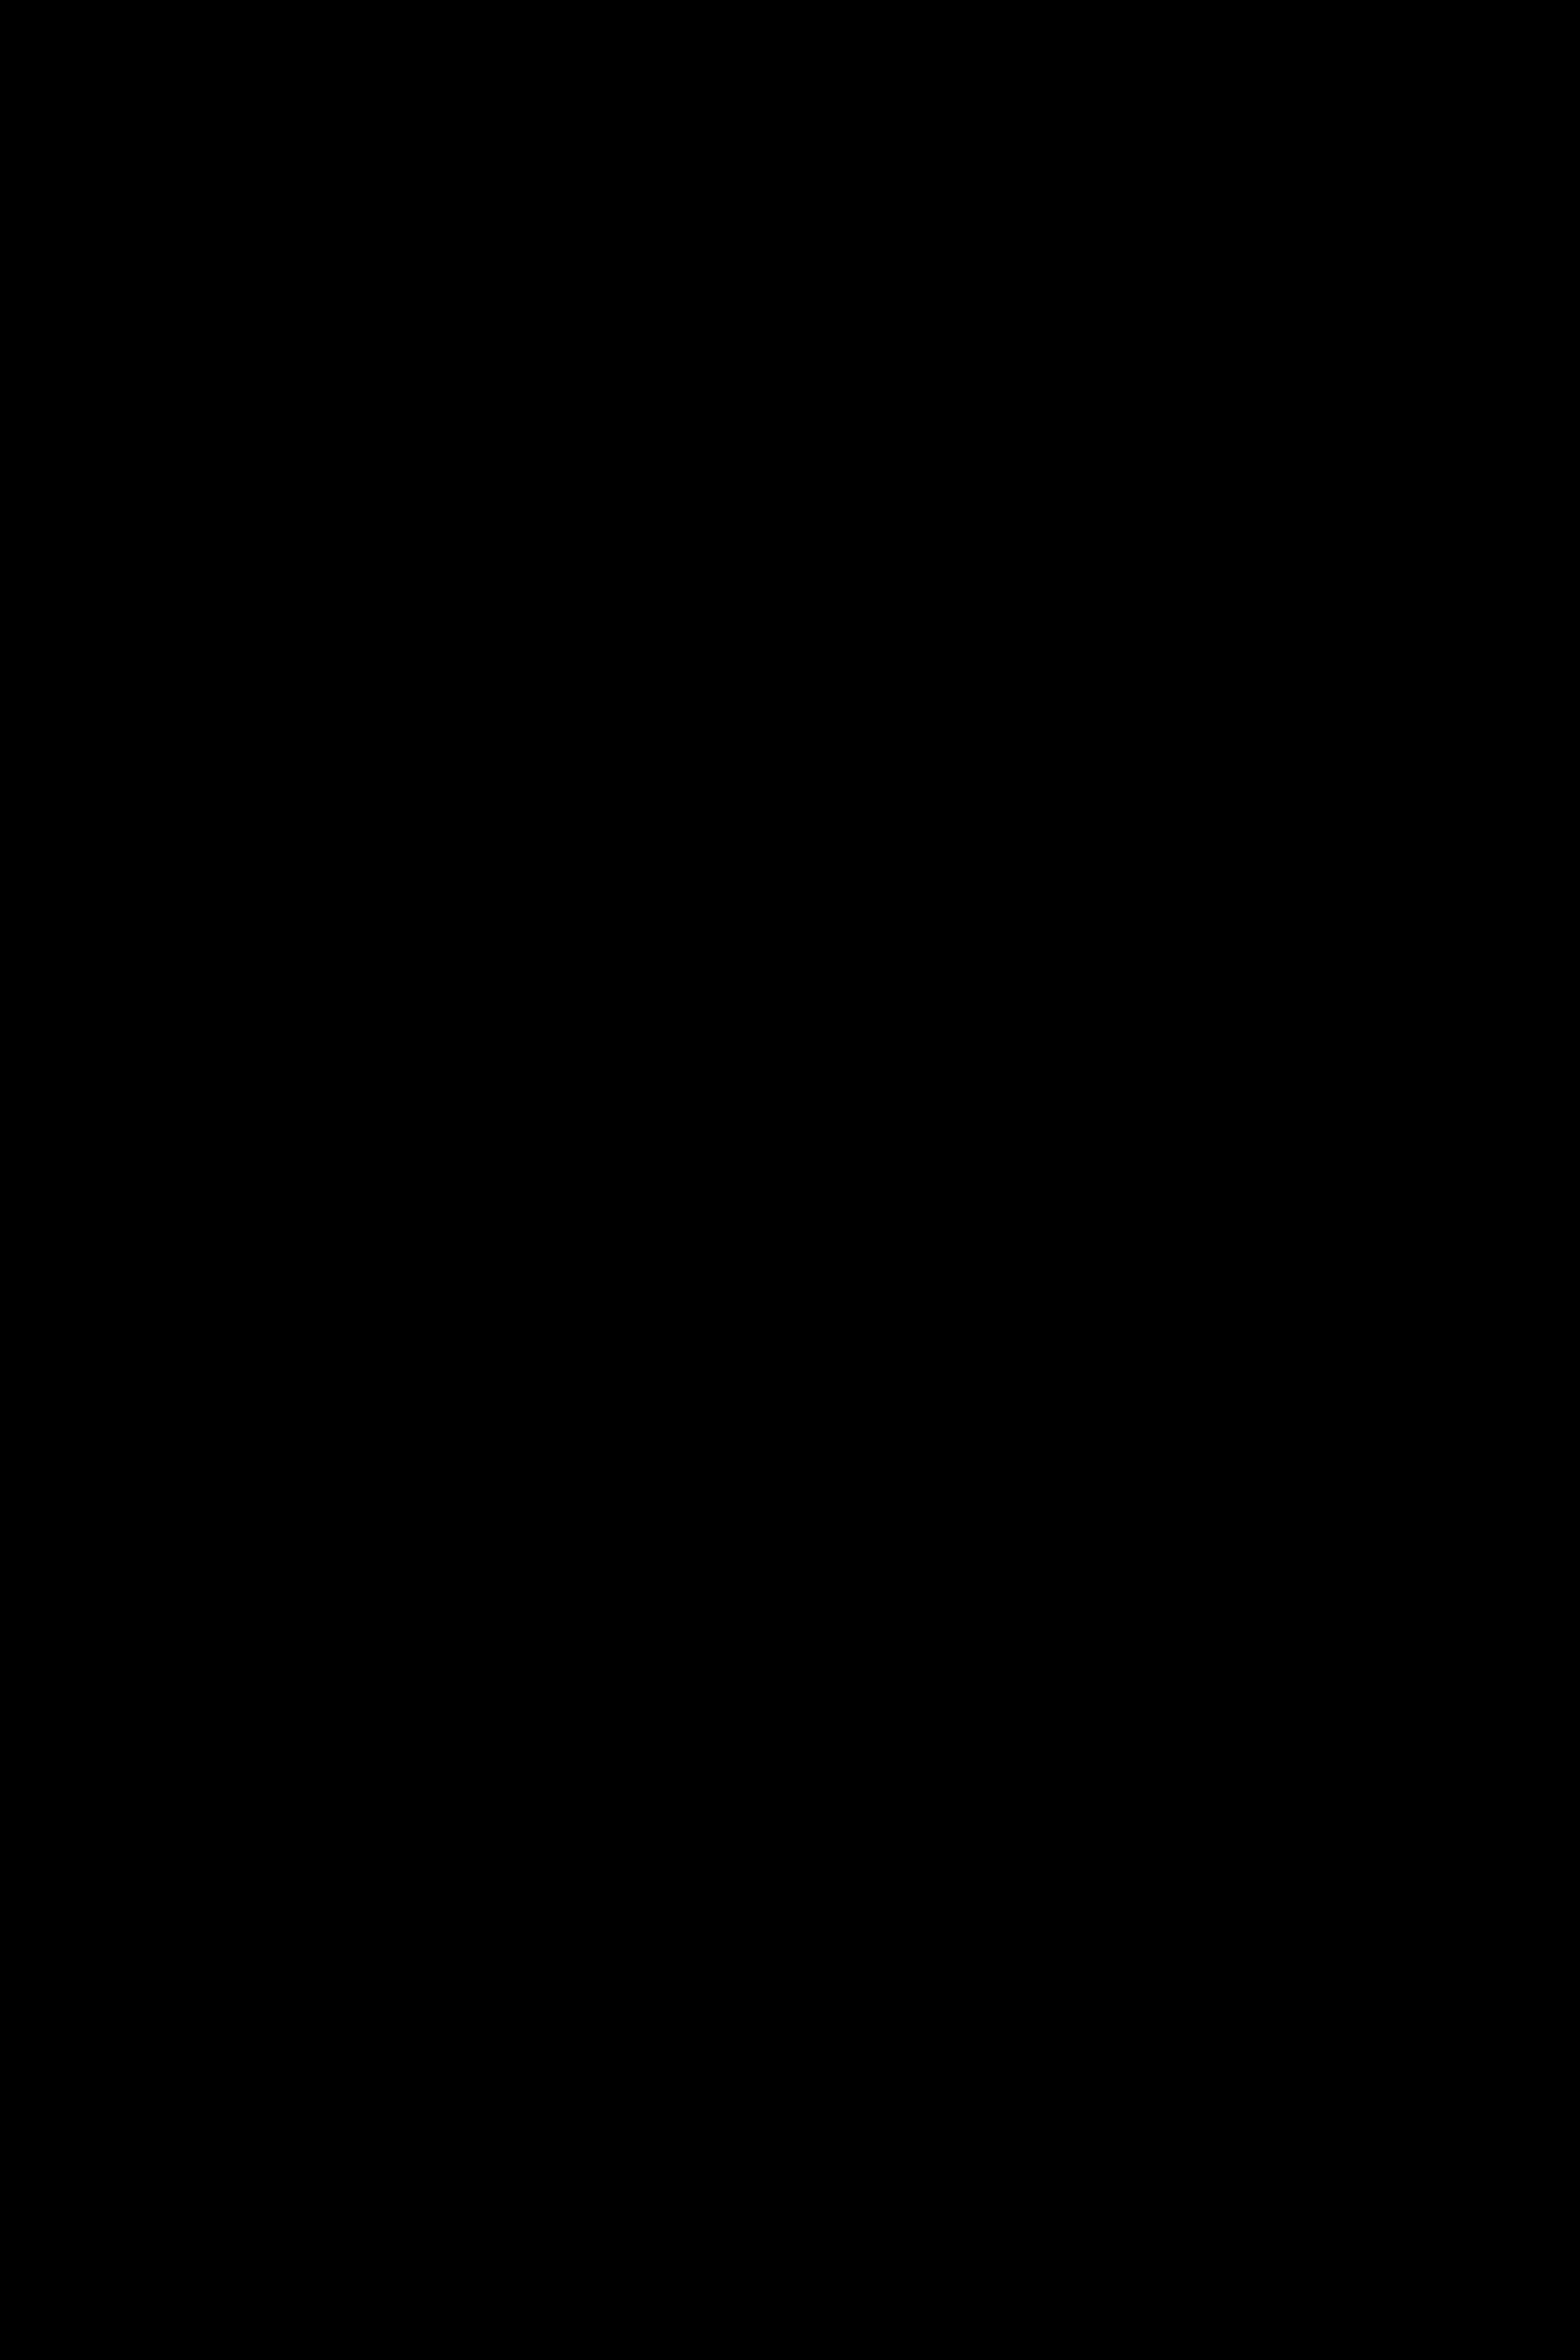 syok-ing-bonanza-poster-for-fb